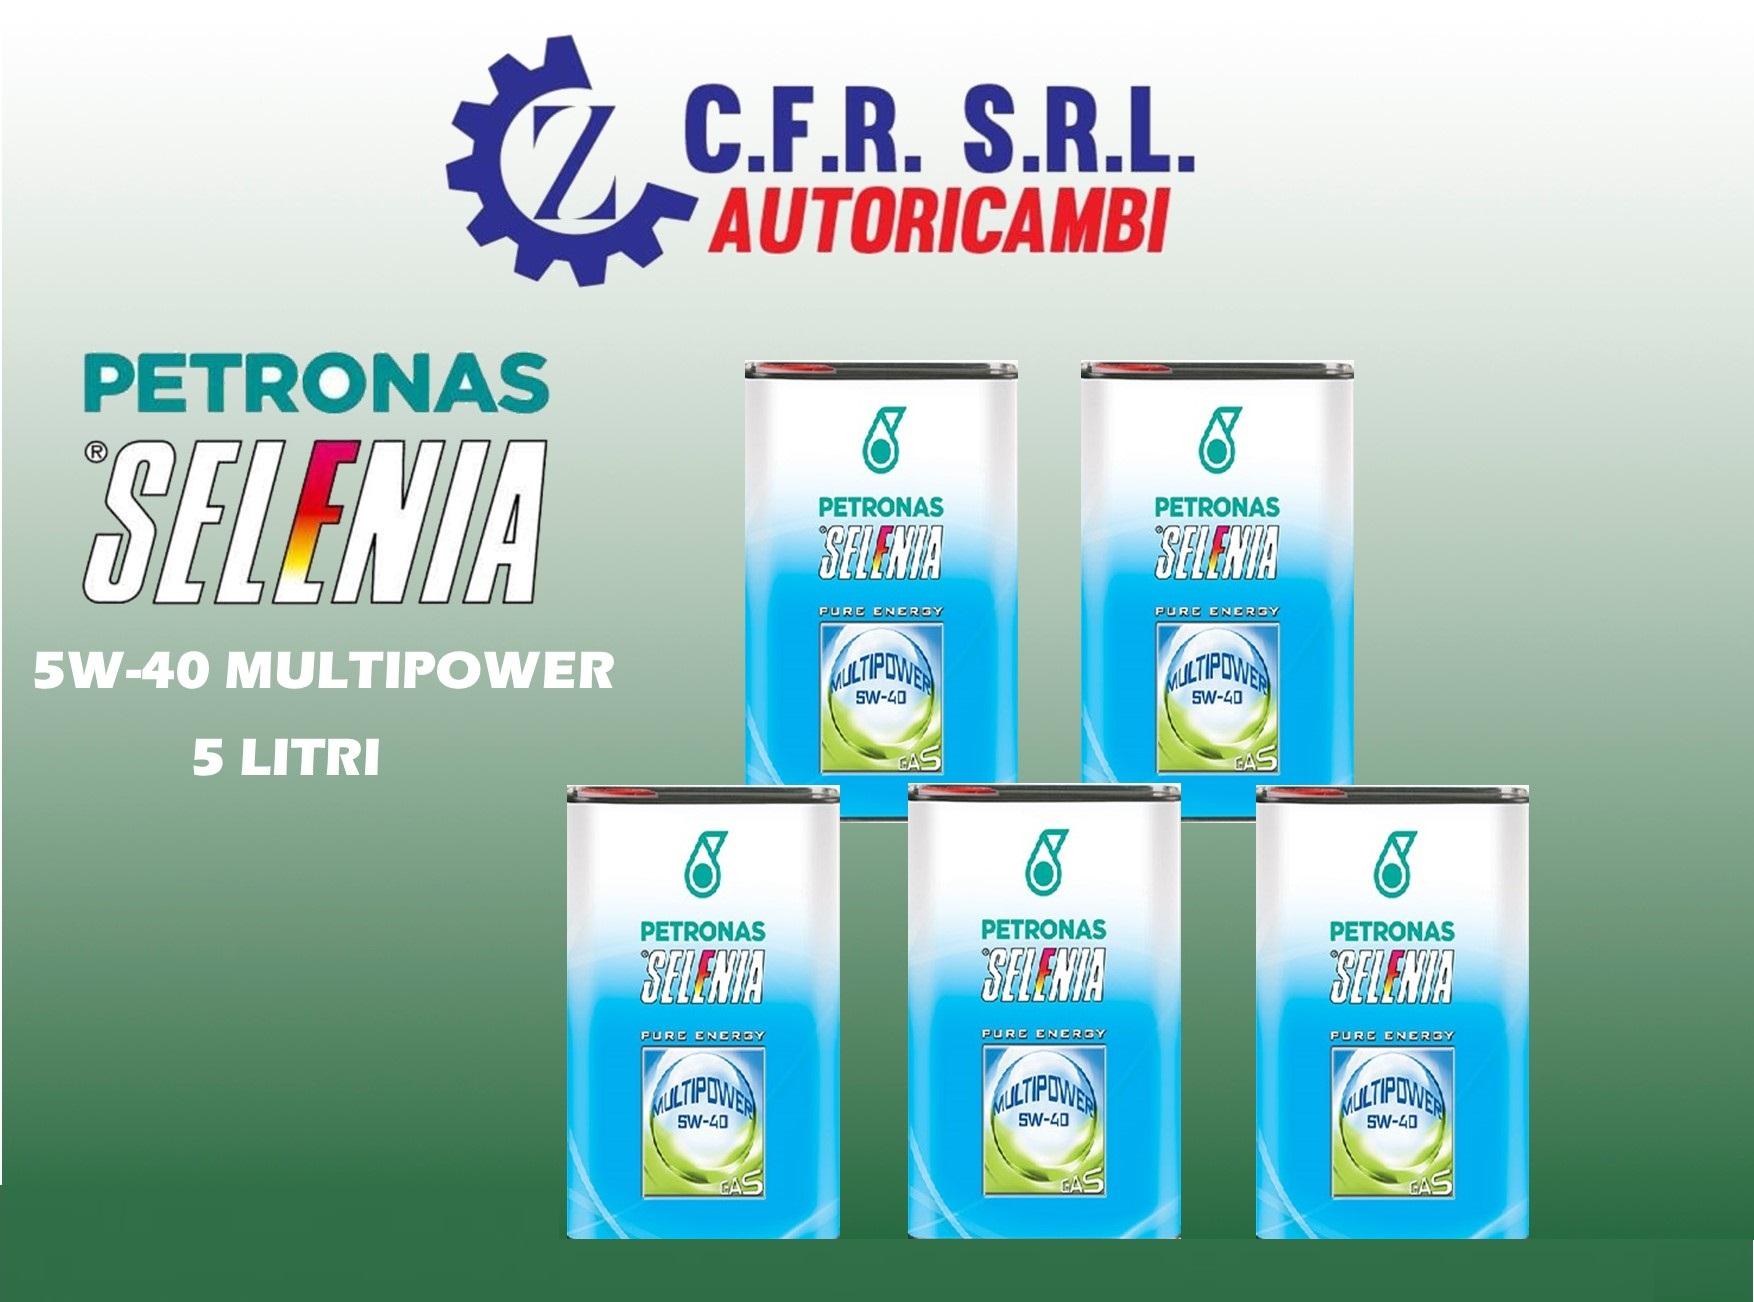 5PZ OLIO LUBRIFICANTE SELENIA MULTIPOWER 5W-40 GAS E METANO